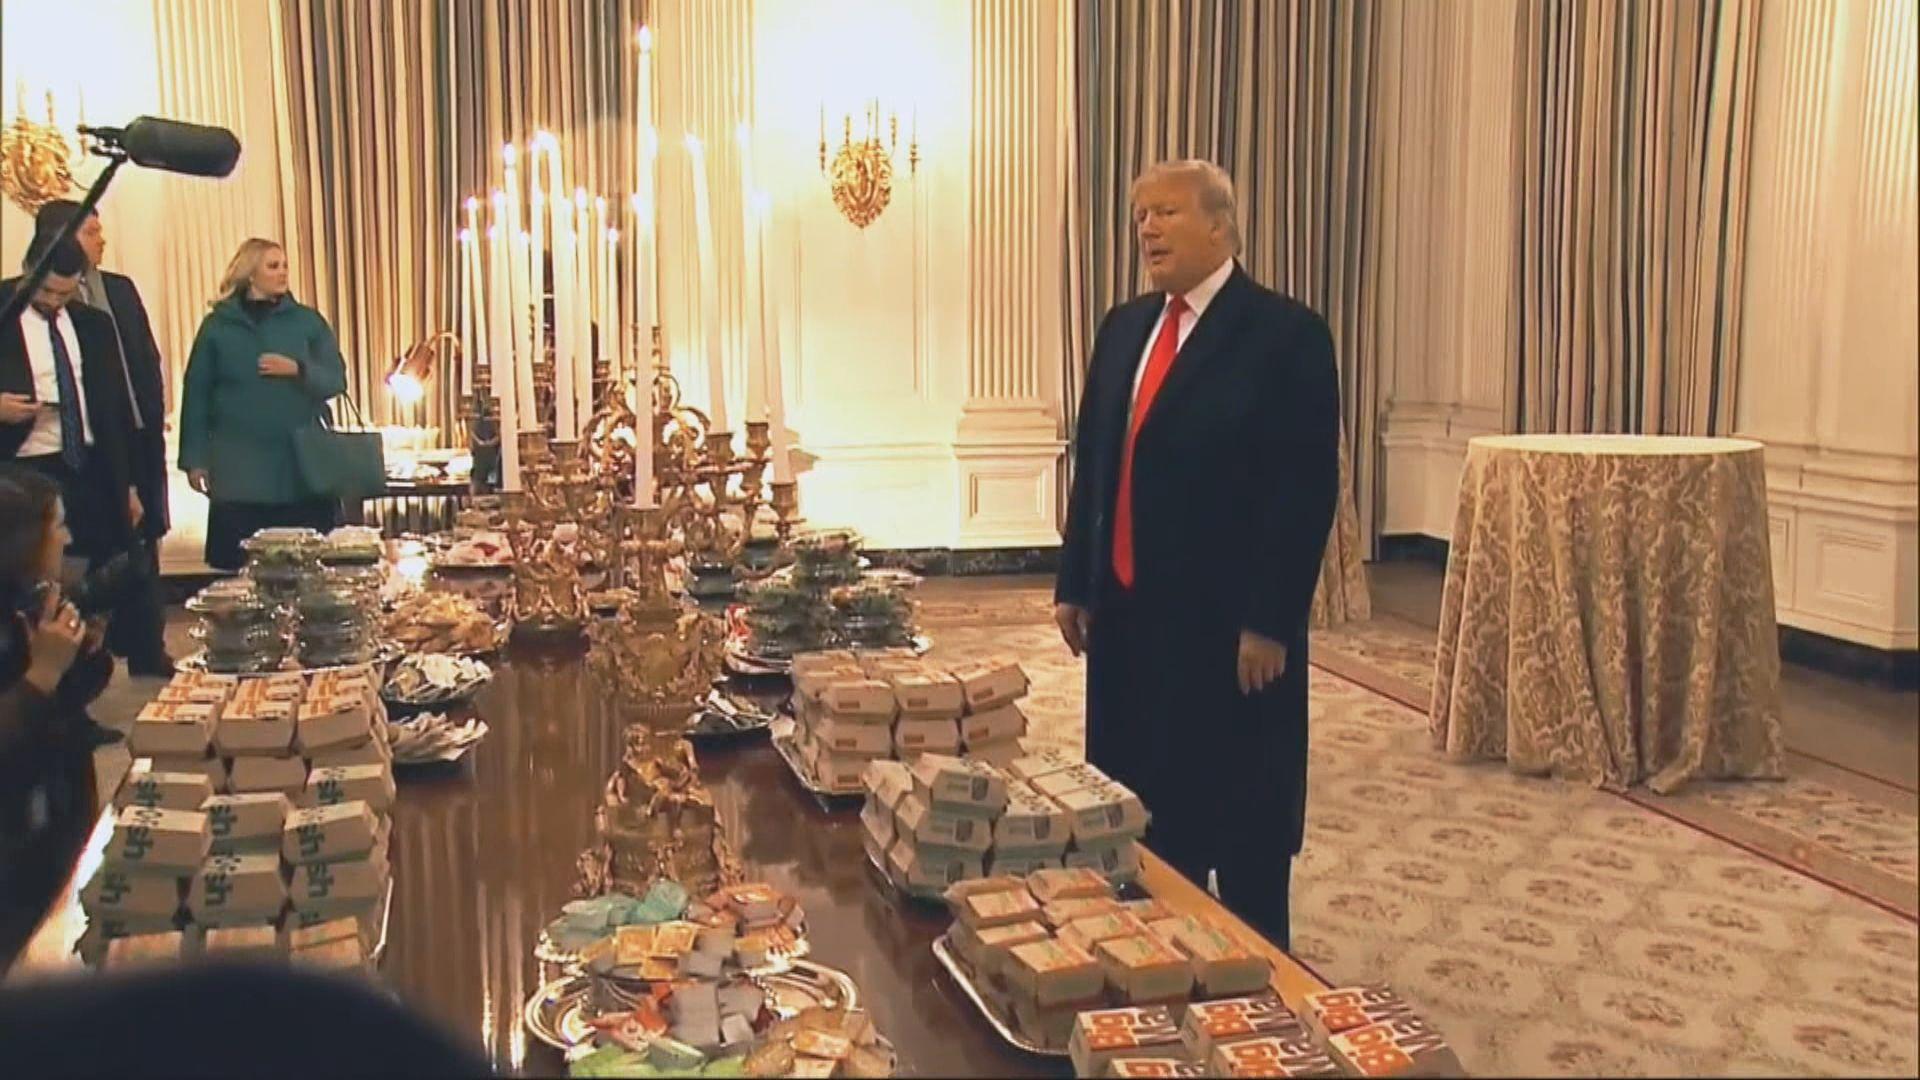 政府停擺 白宮以快餐食品招待賓客